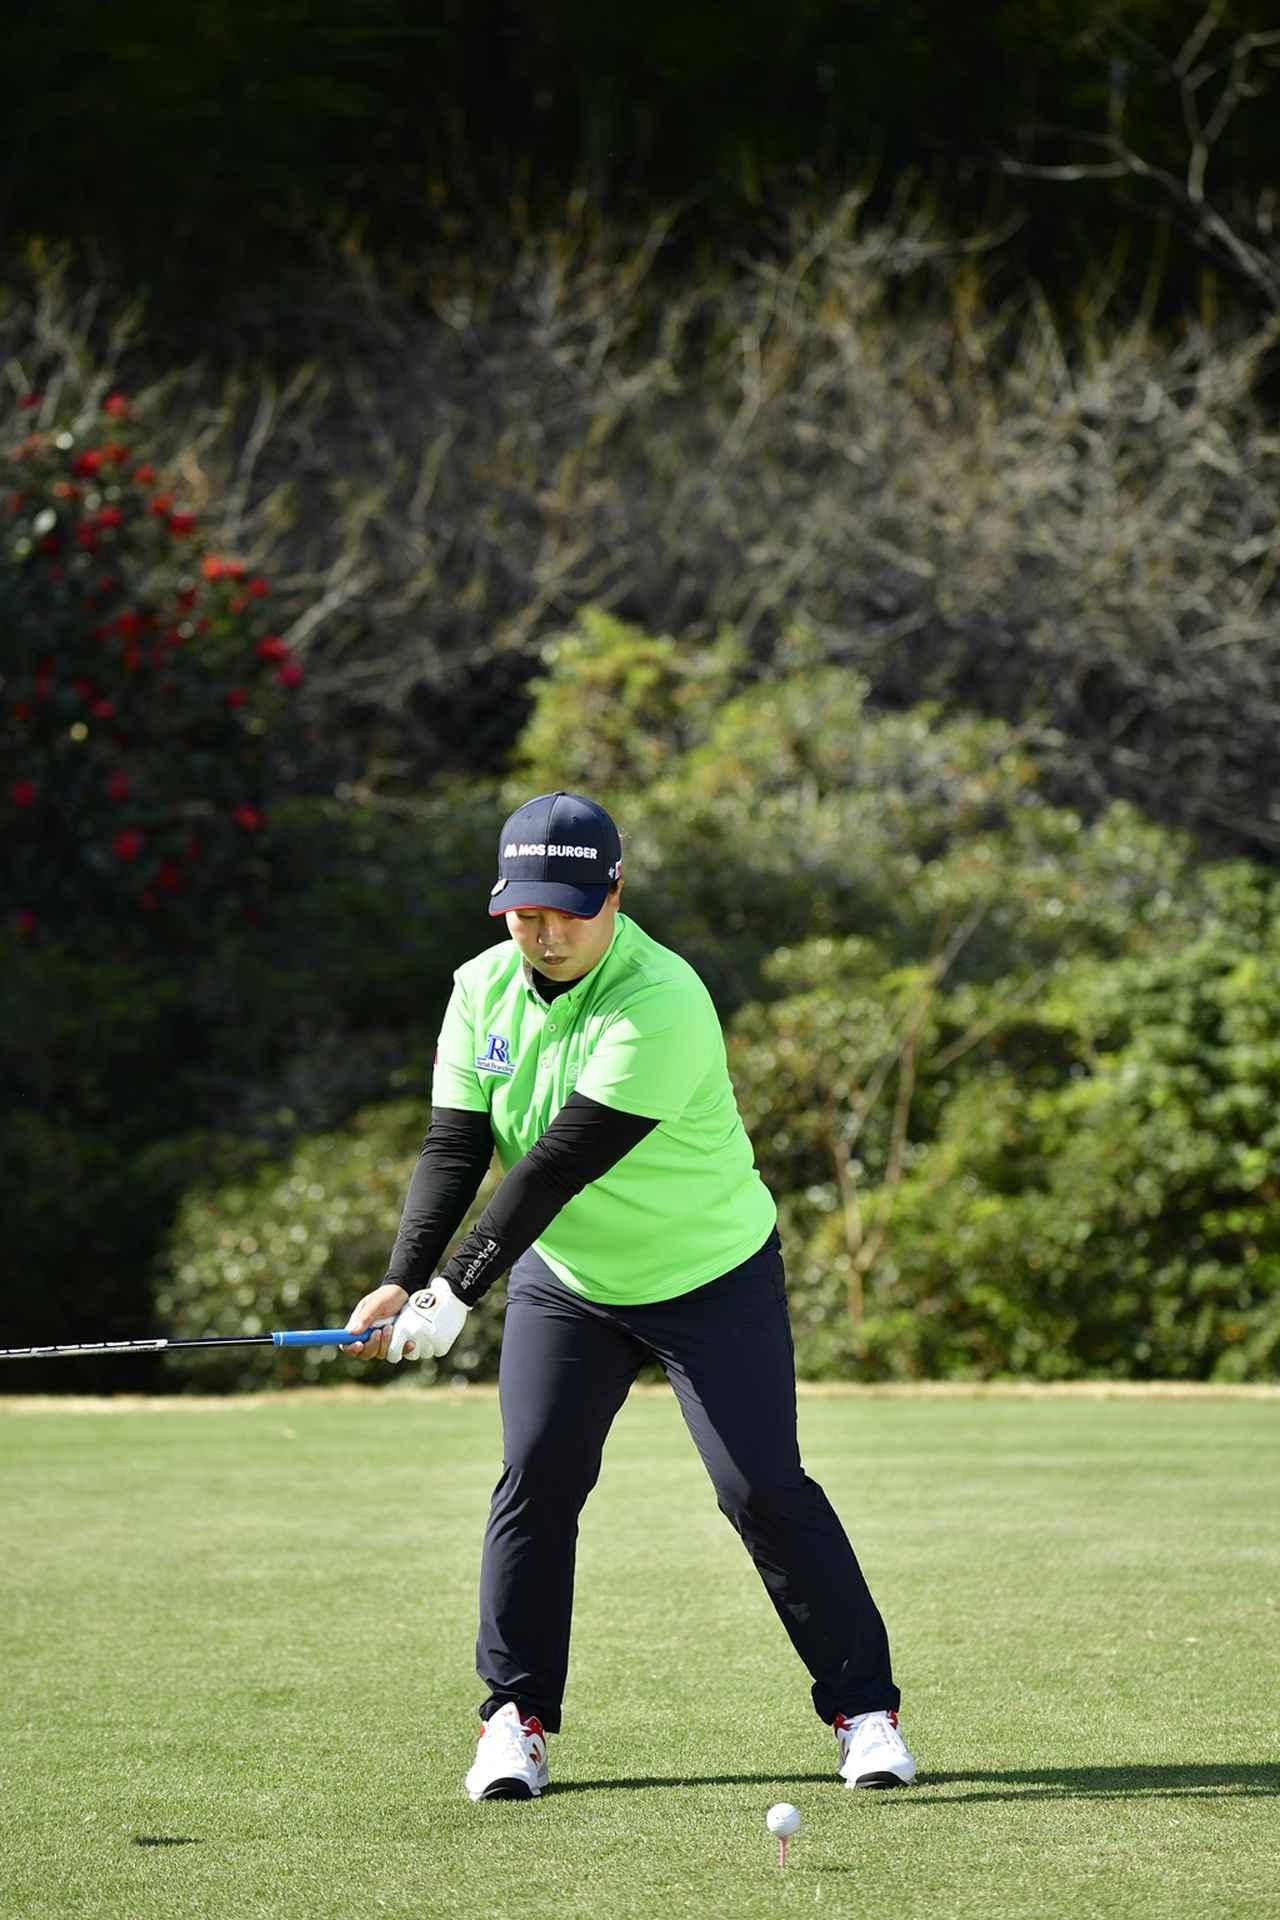 画像 : 3番目の画像 - アン・ソンジュのドライバー連続写真 - みんなのゴルフダイジェスト